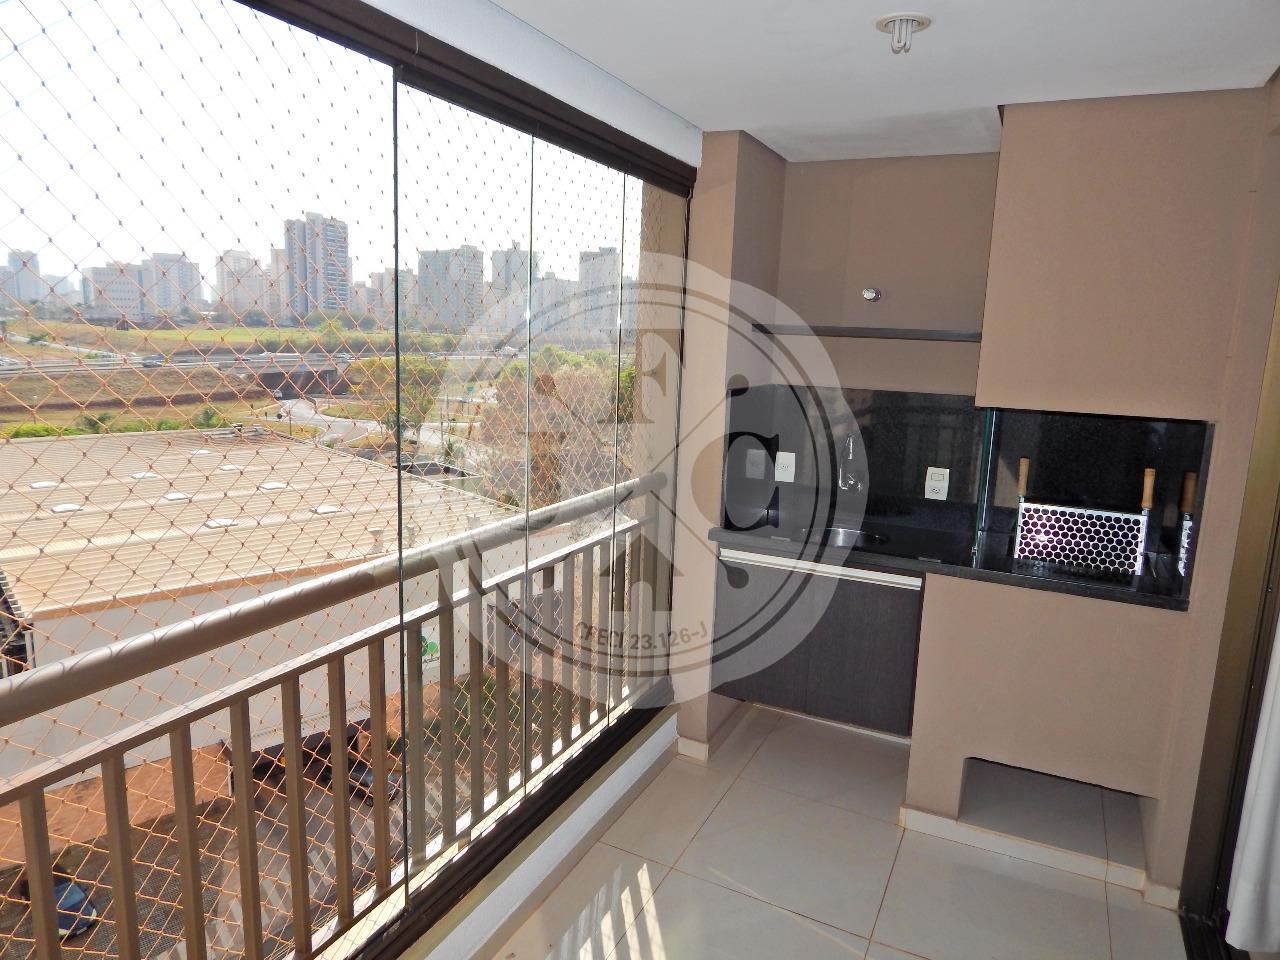 Apartamento para locação com 2 suítes próximo ao Shopping Iguatemi.